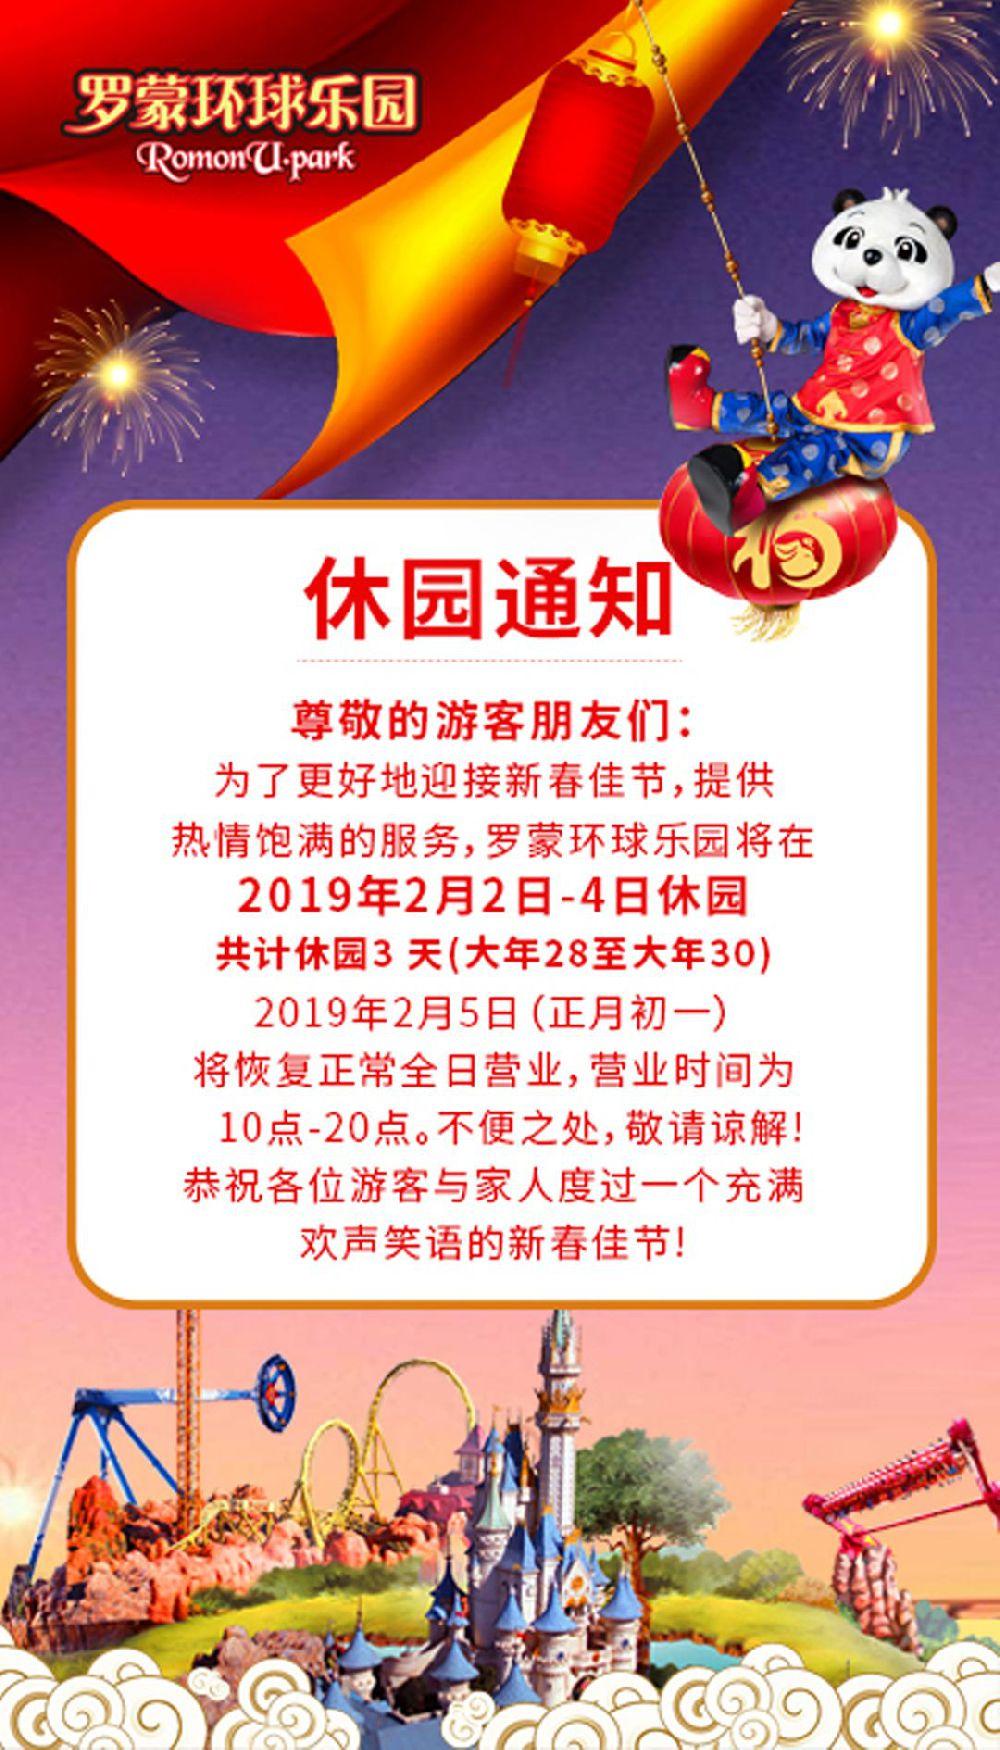 2019宁波罗蒙乐园春节活动有什么